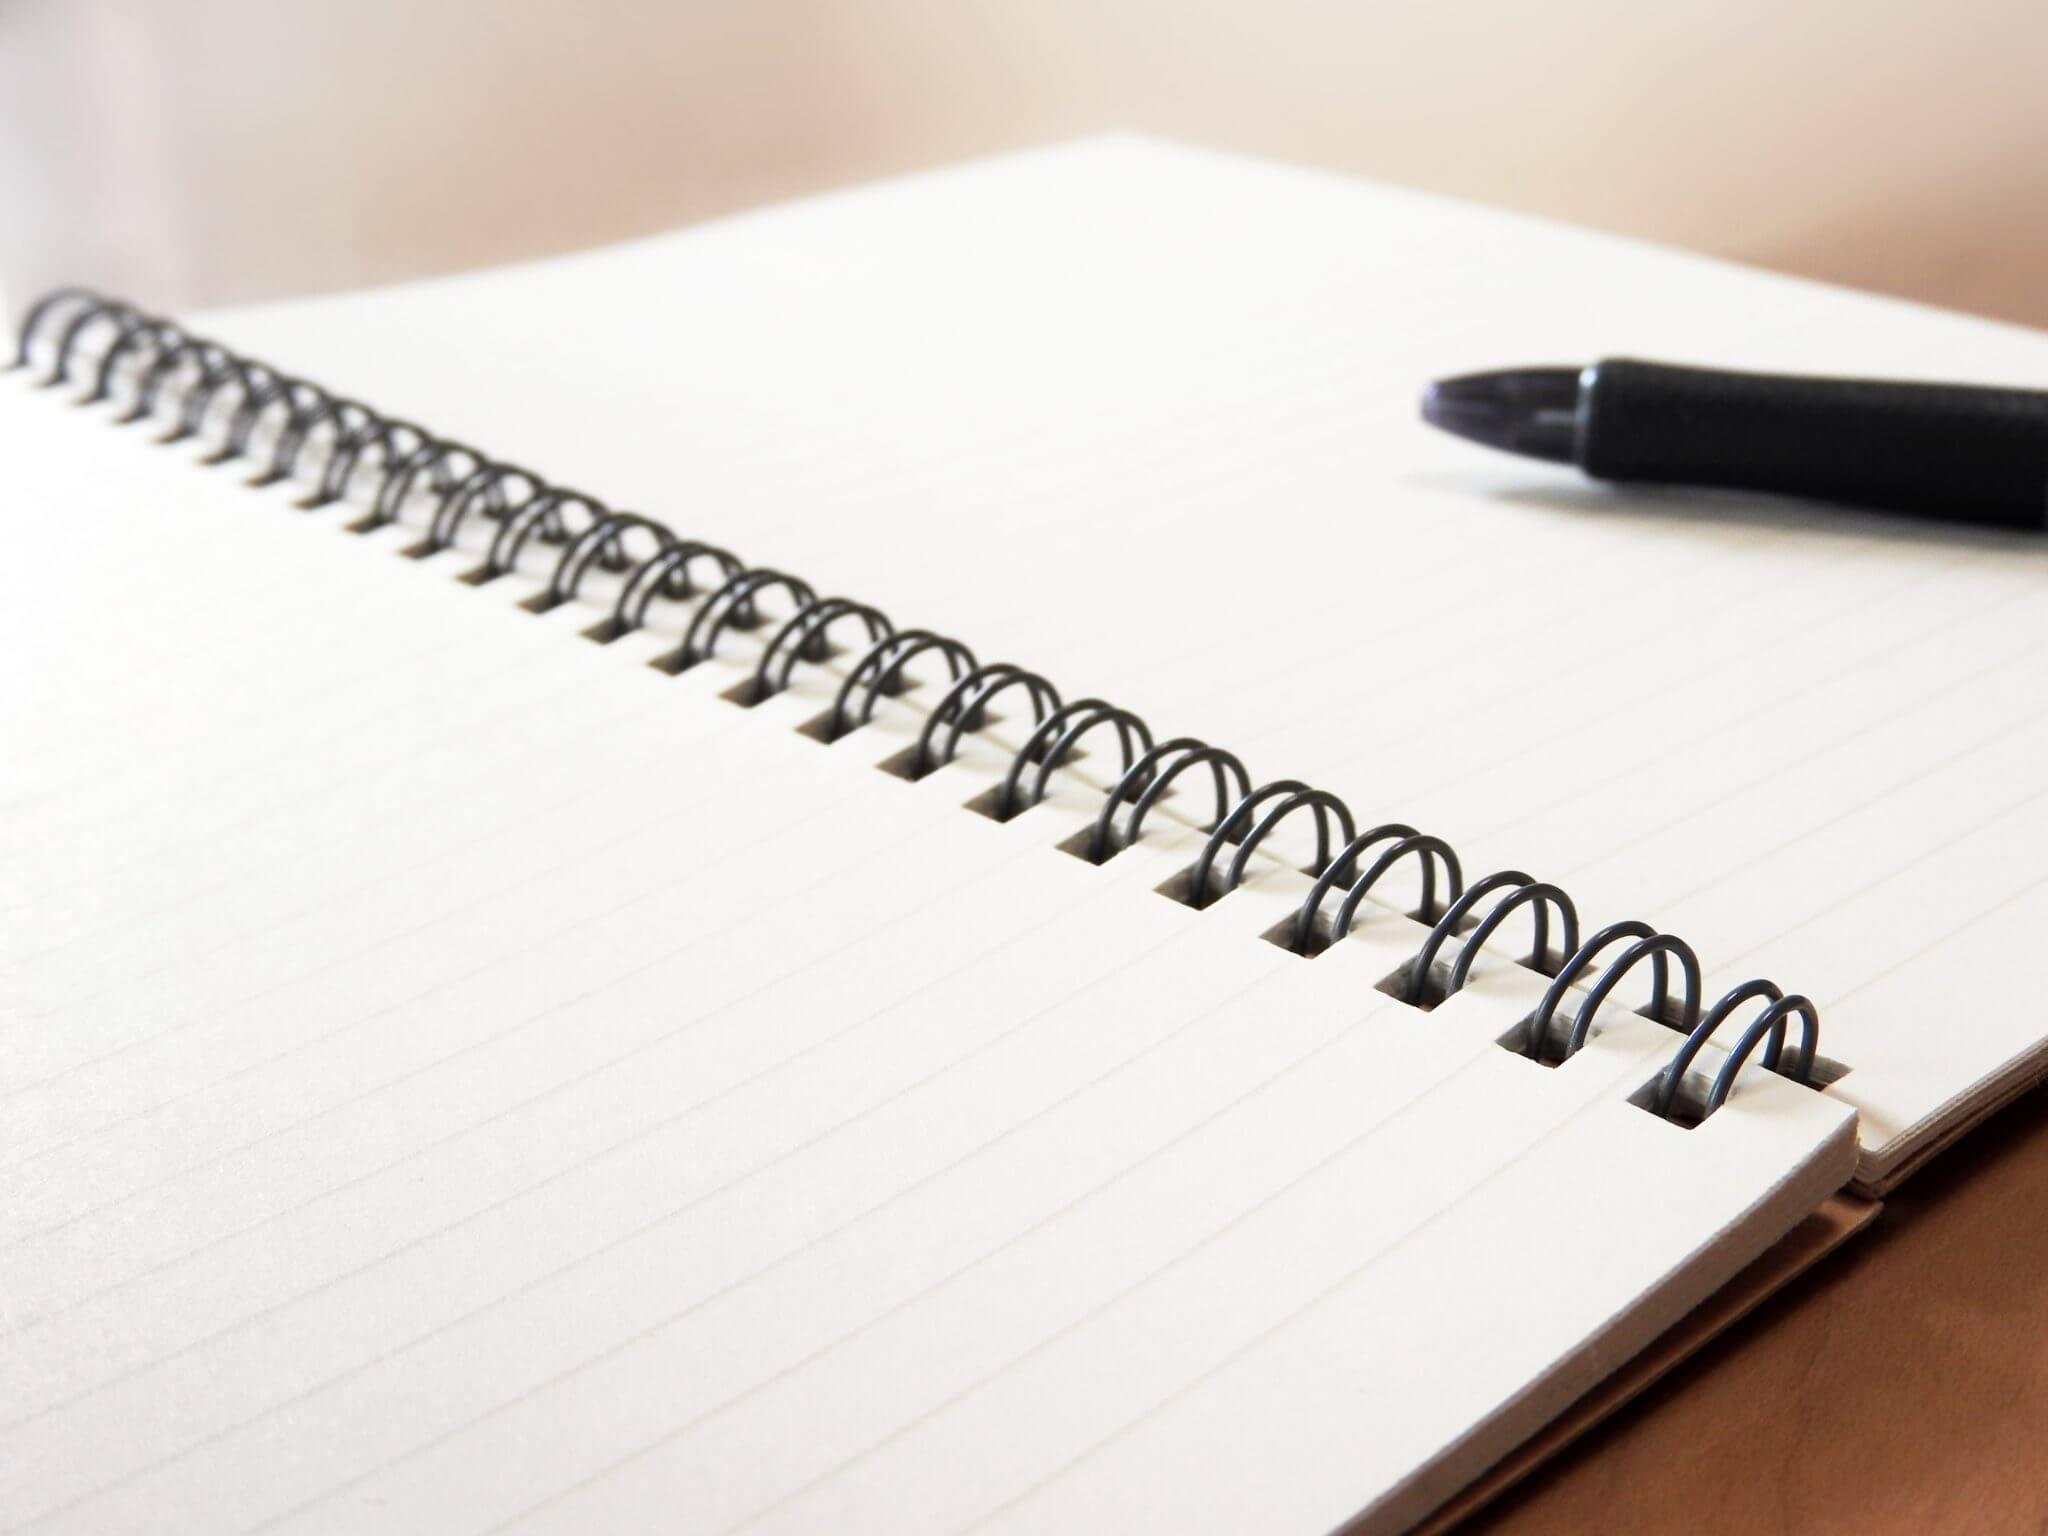 【証拠能力】旦那の浮気に日記を付ける3つのメリット【書くべし】